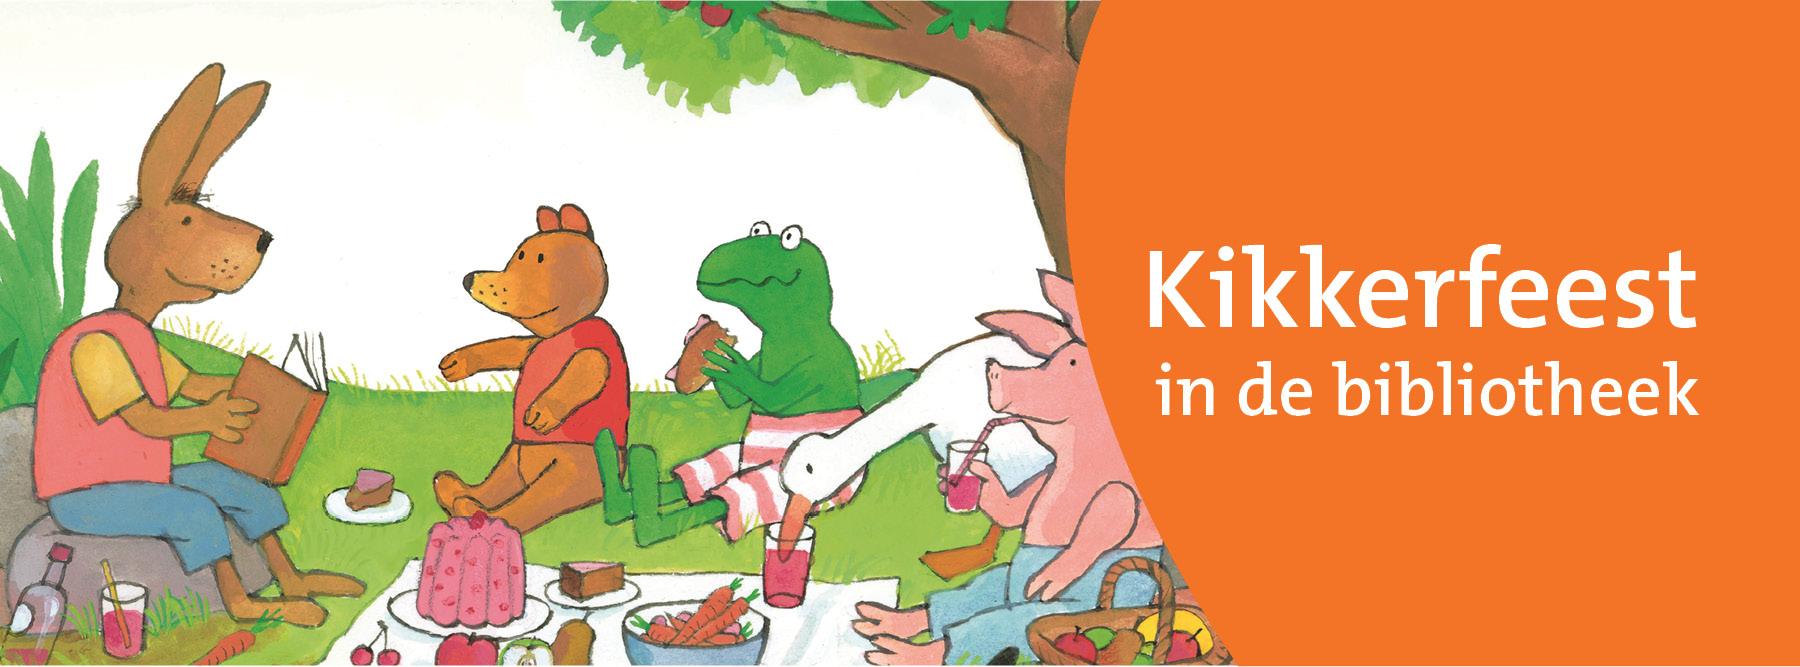 Feest met Kikker in bibliotheken Pekela en Veendam.